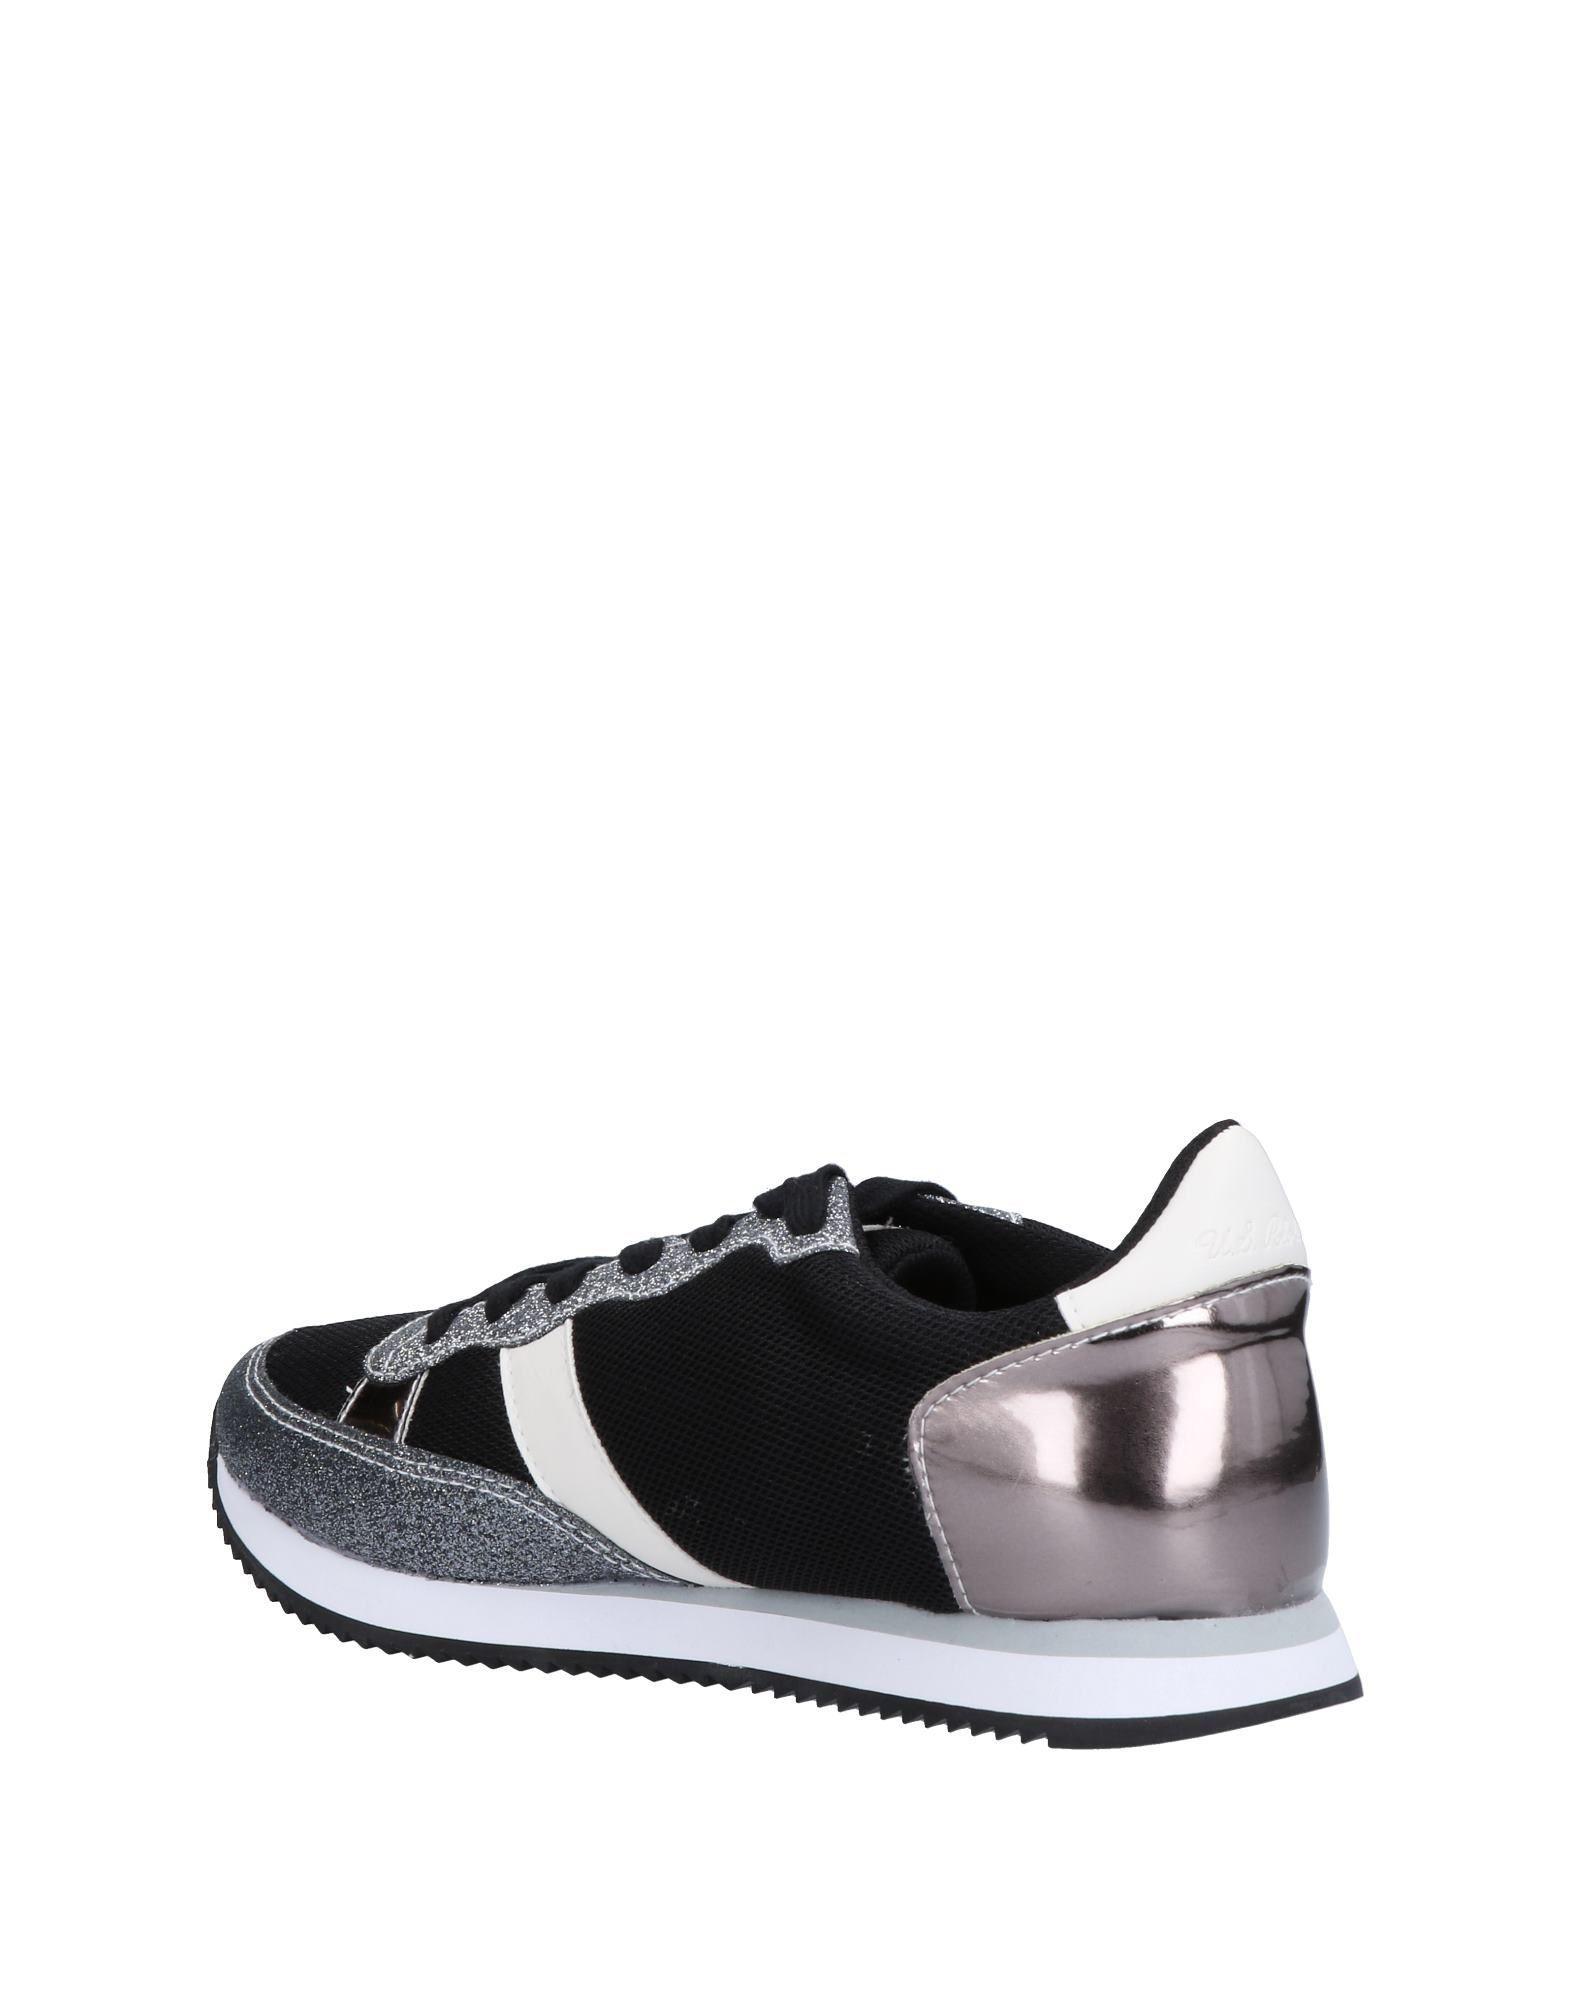 U.S. POLO ASSN. Low-tops & Sneakers in Lead (Black)